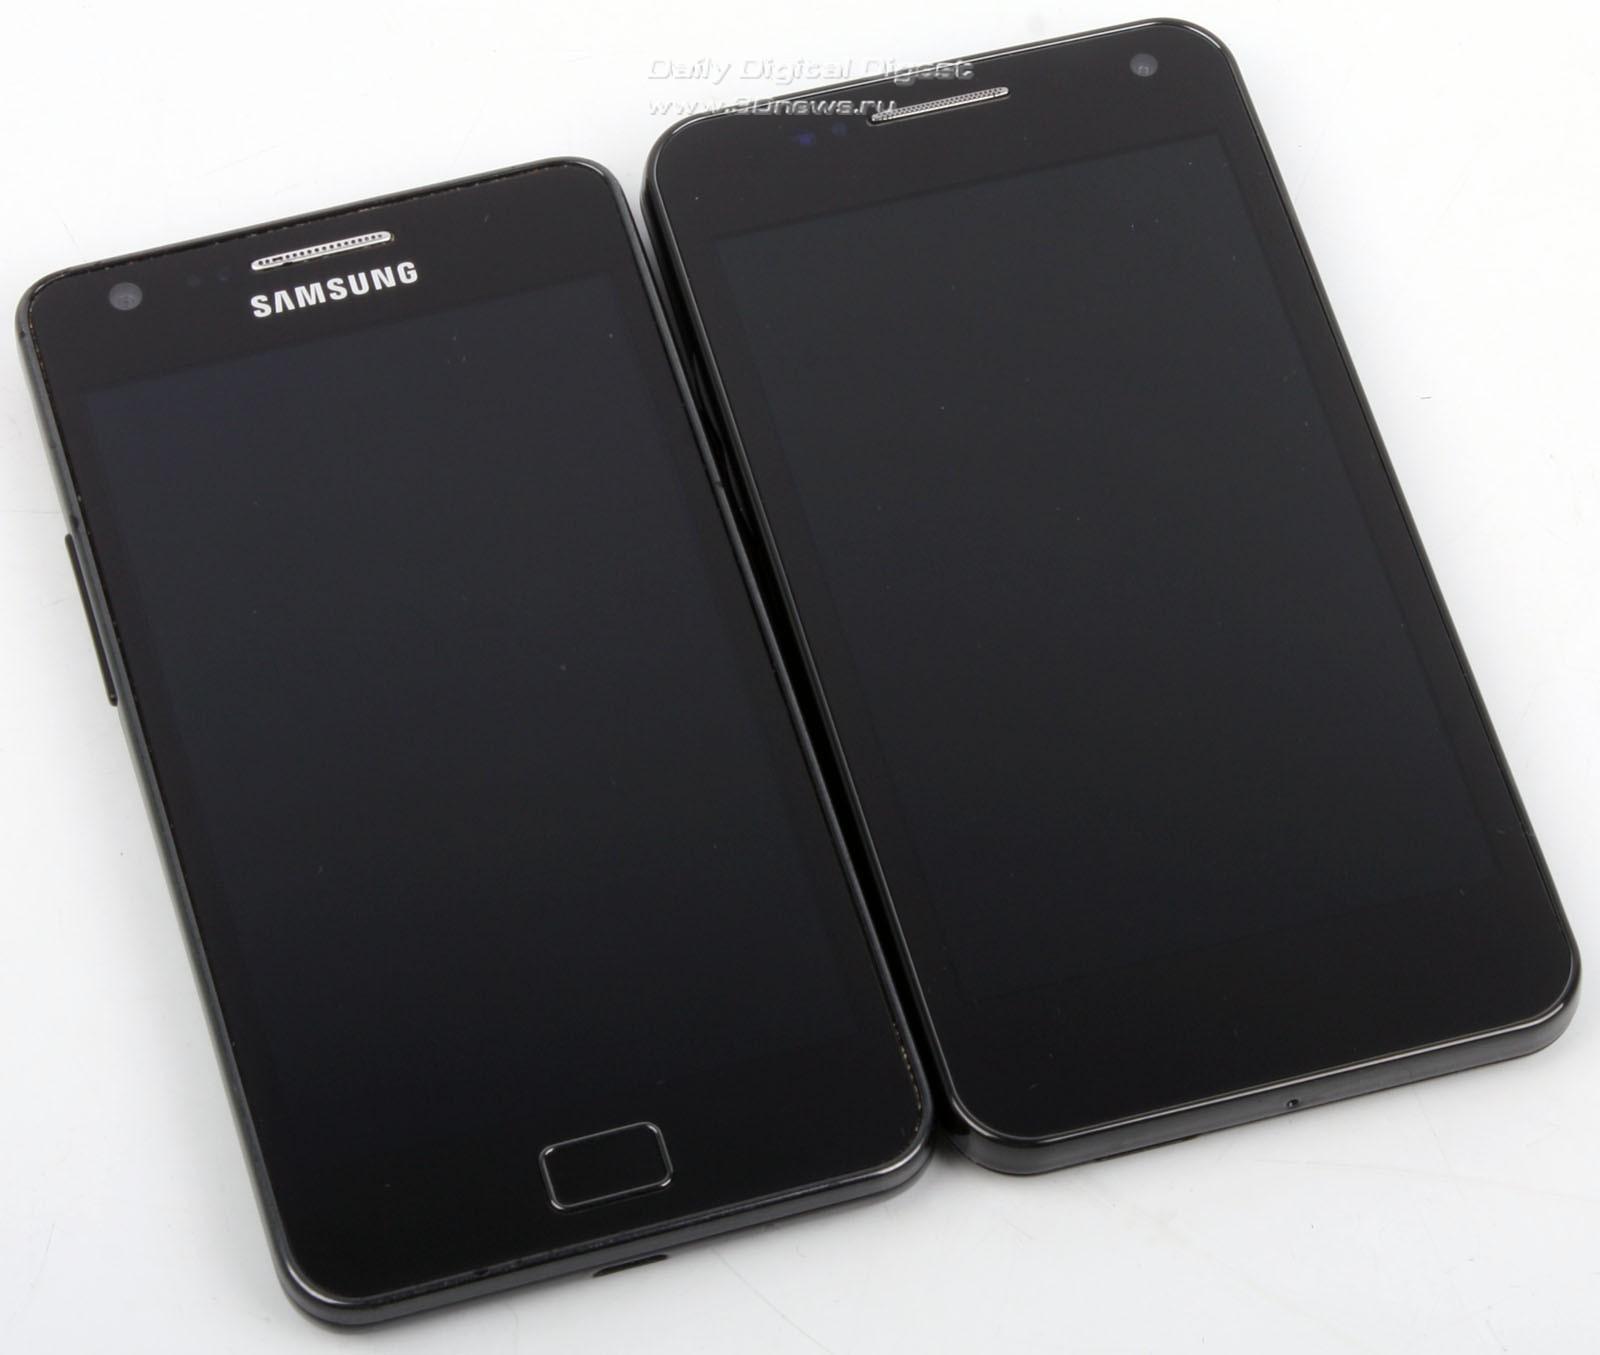 Htc sensation xl каталог мобильных телефонов